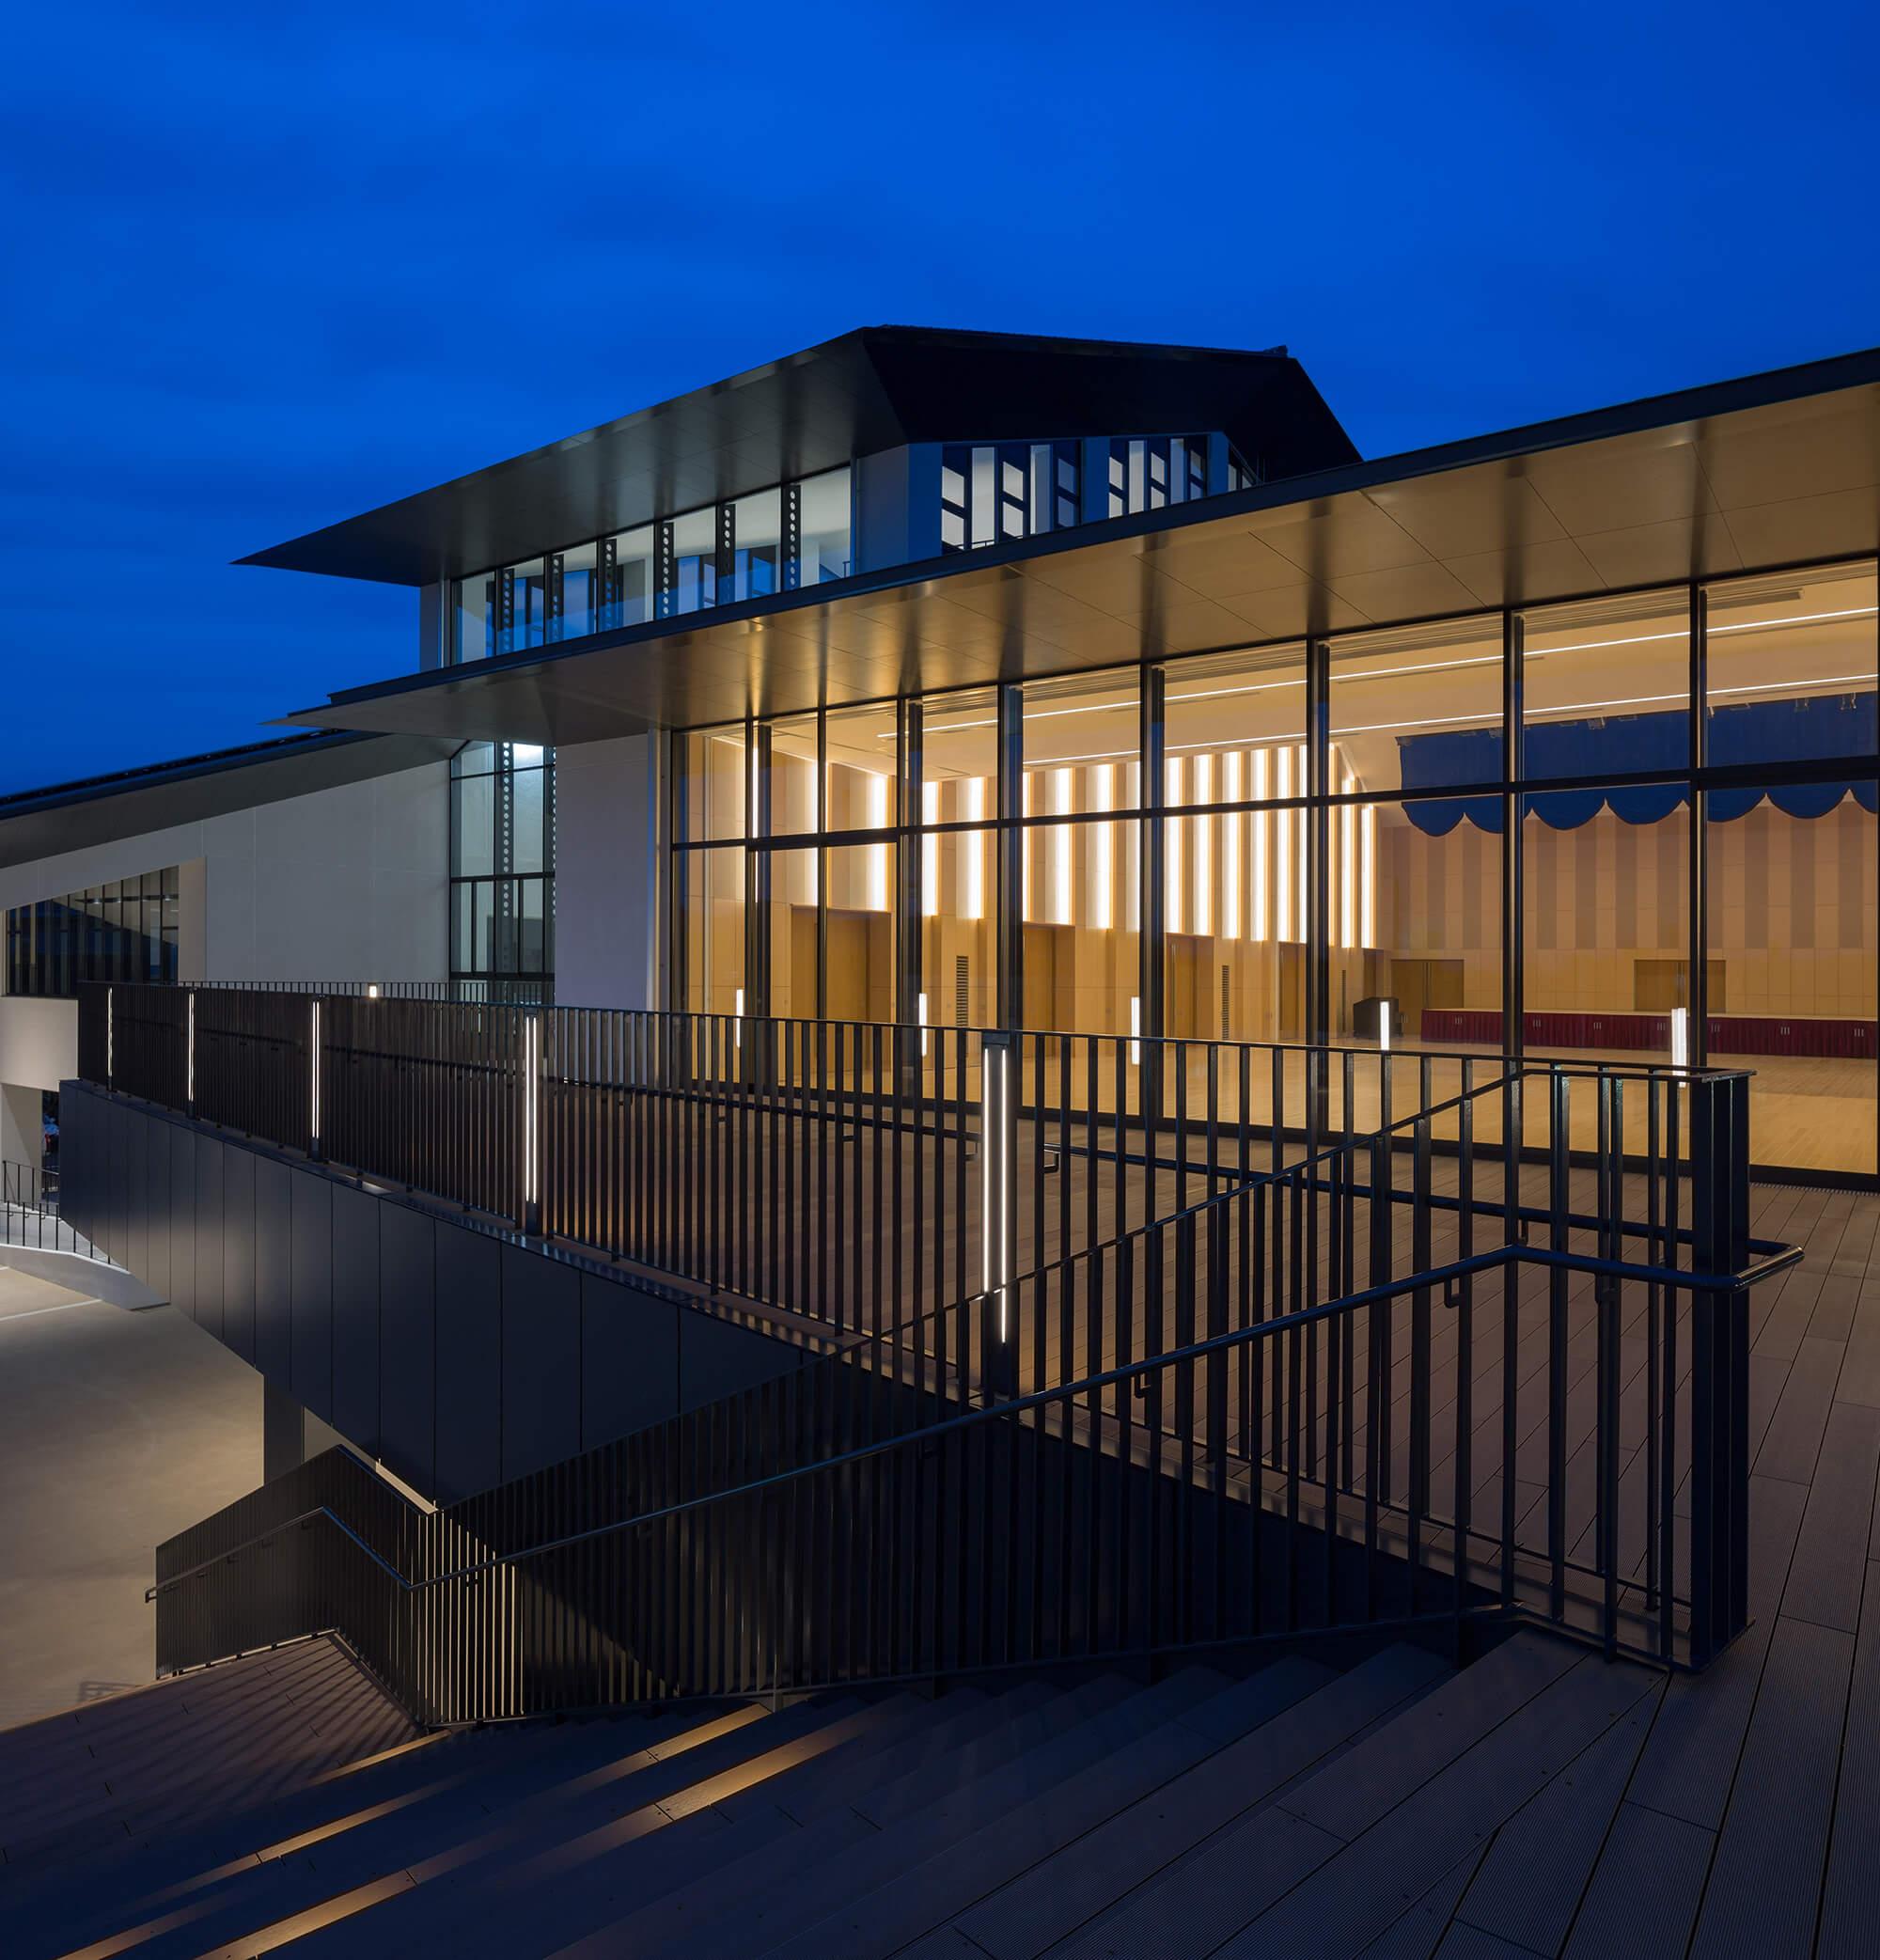 『小城まちなか市民交流センター』-佐賀県小城市-建築写真・竣工写真・インテリア写真3